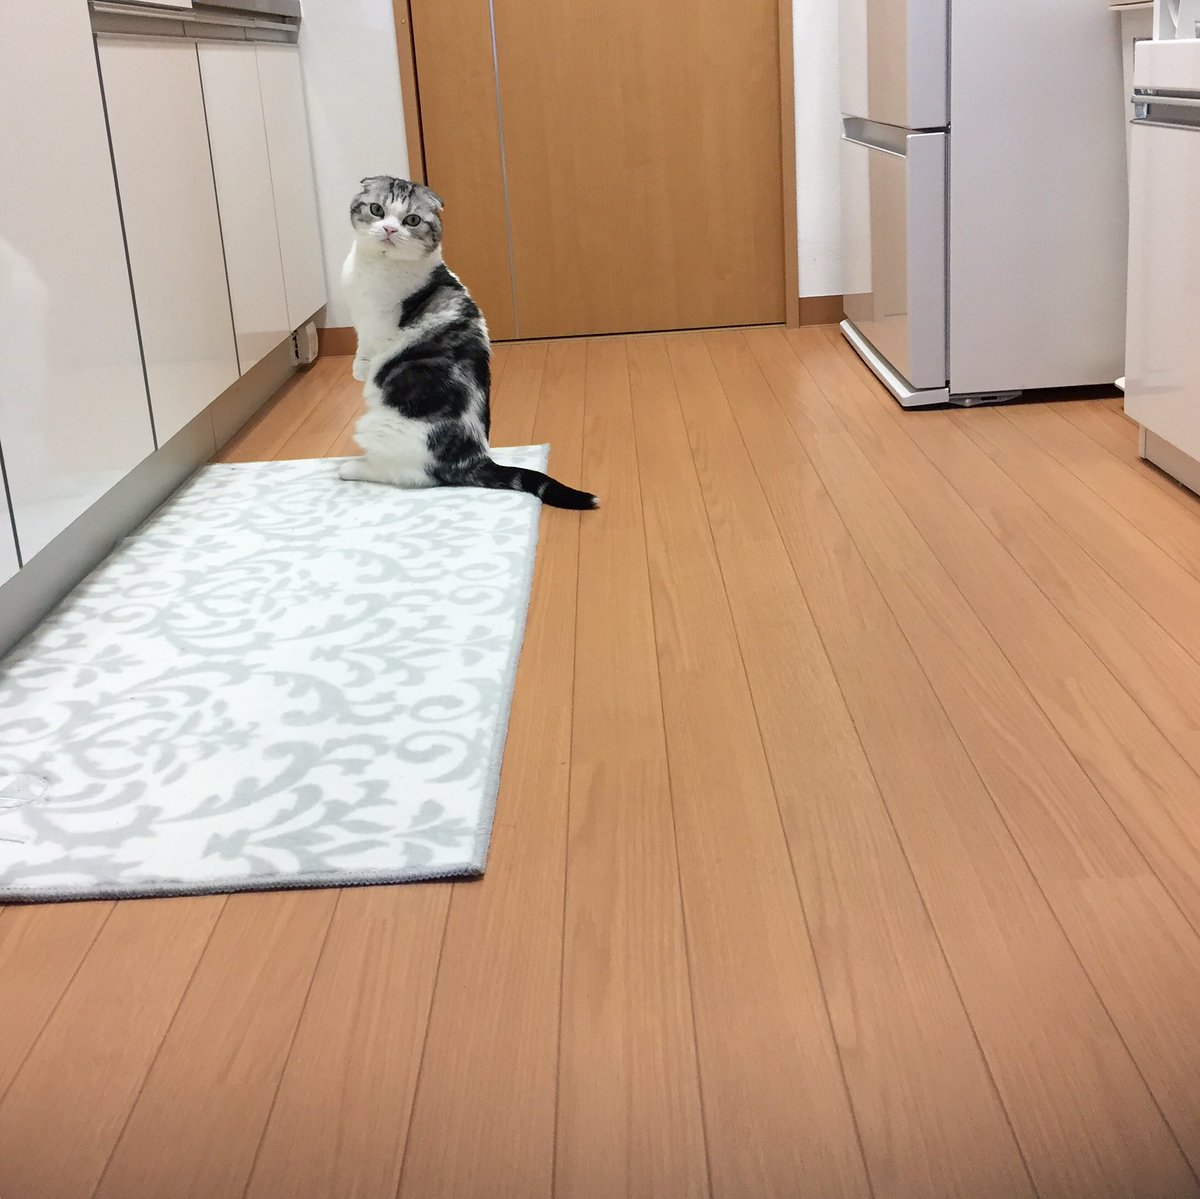 ご飯をねだり続ける猫